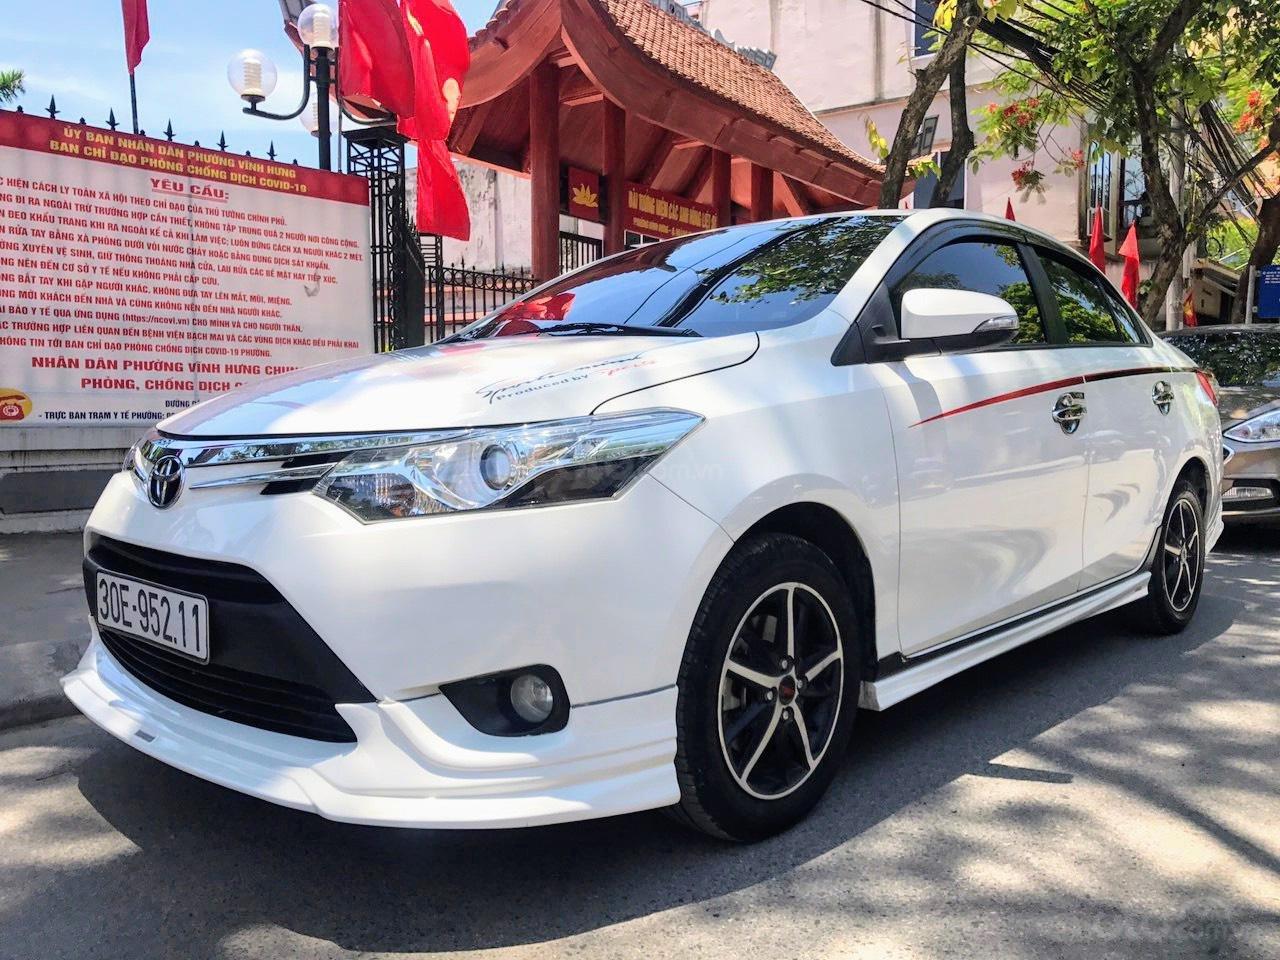 Bán Toyota Vios G 1.5AT 2017 bản thể thao (10)